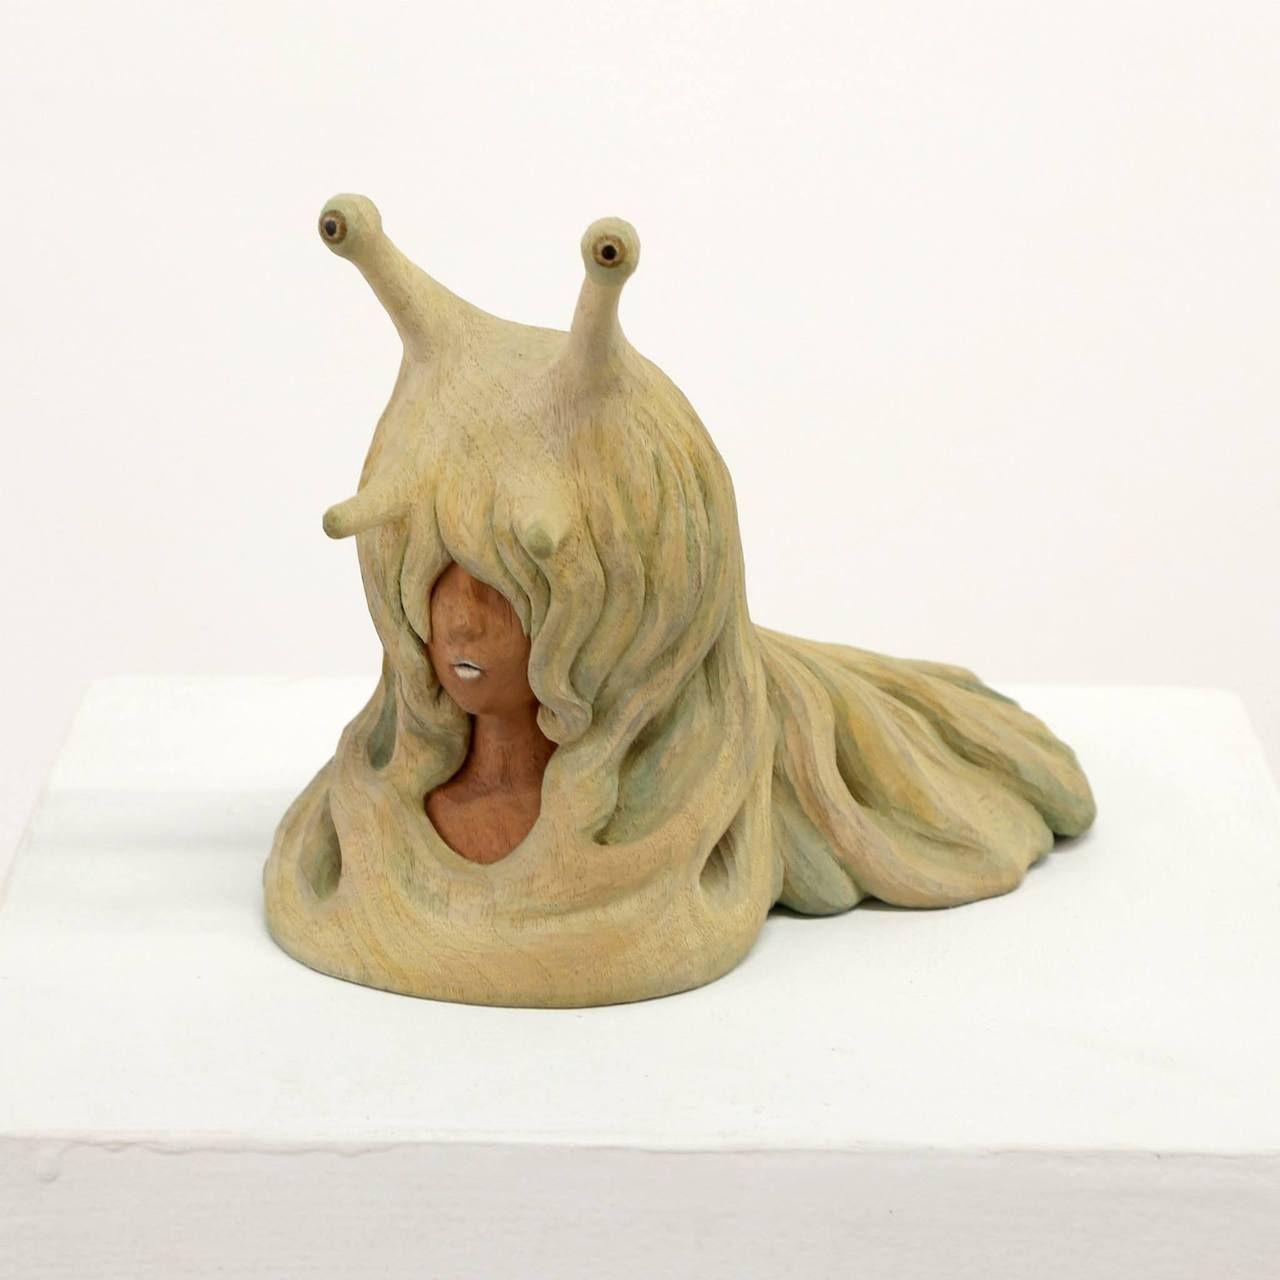 Motoki Hitomi - Gallery MoMo via Artsy | Sculpture in 2019